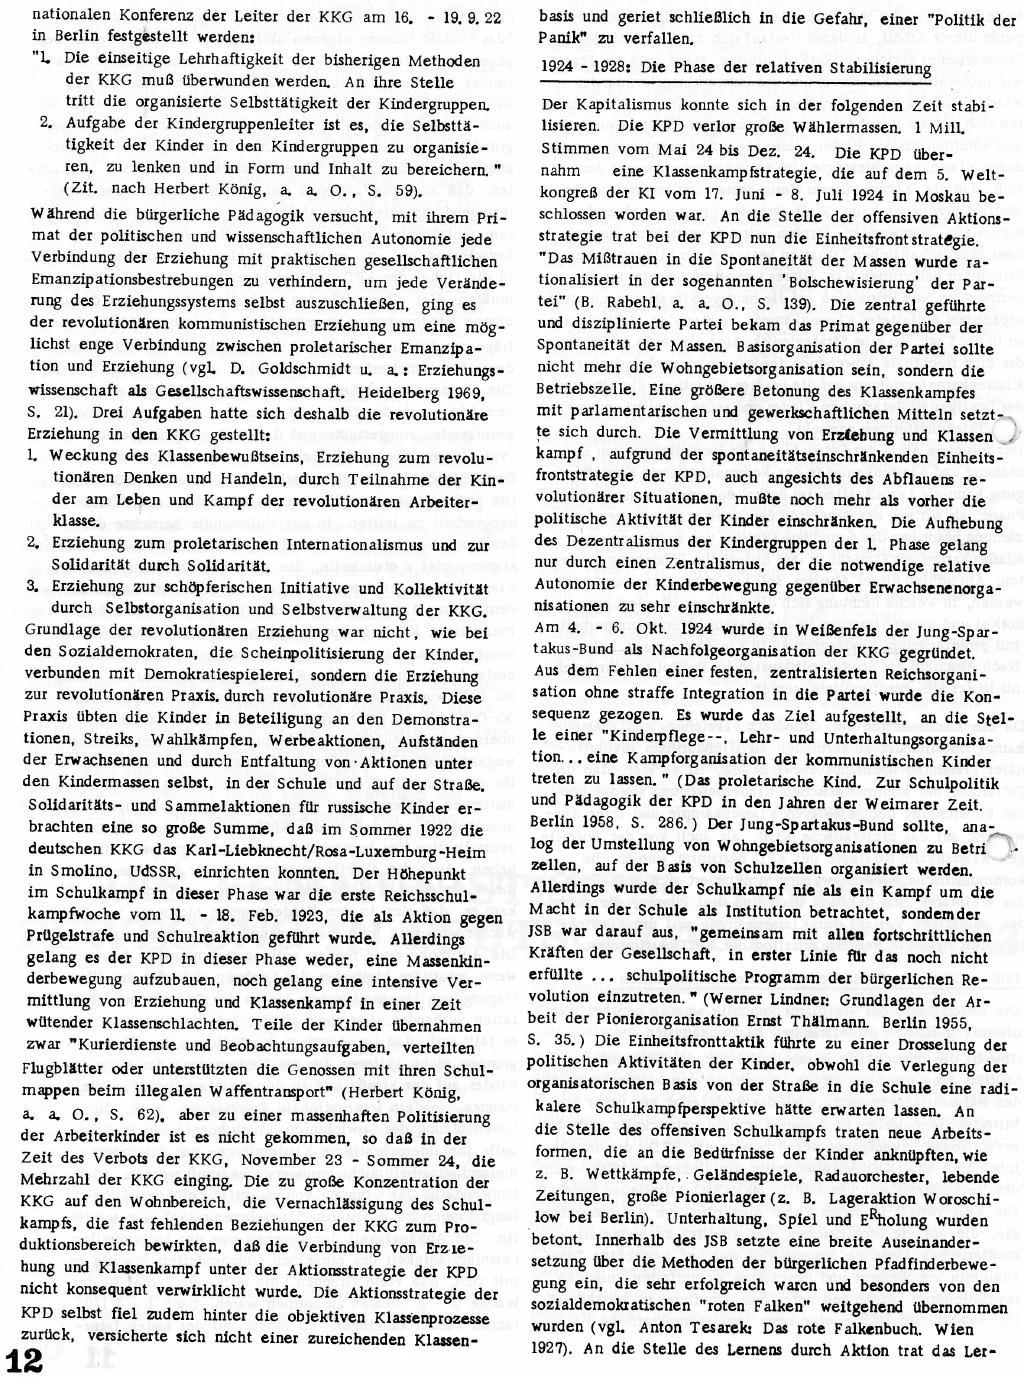 RPK_1970_052_12